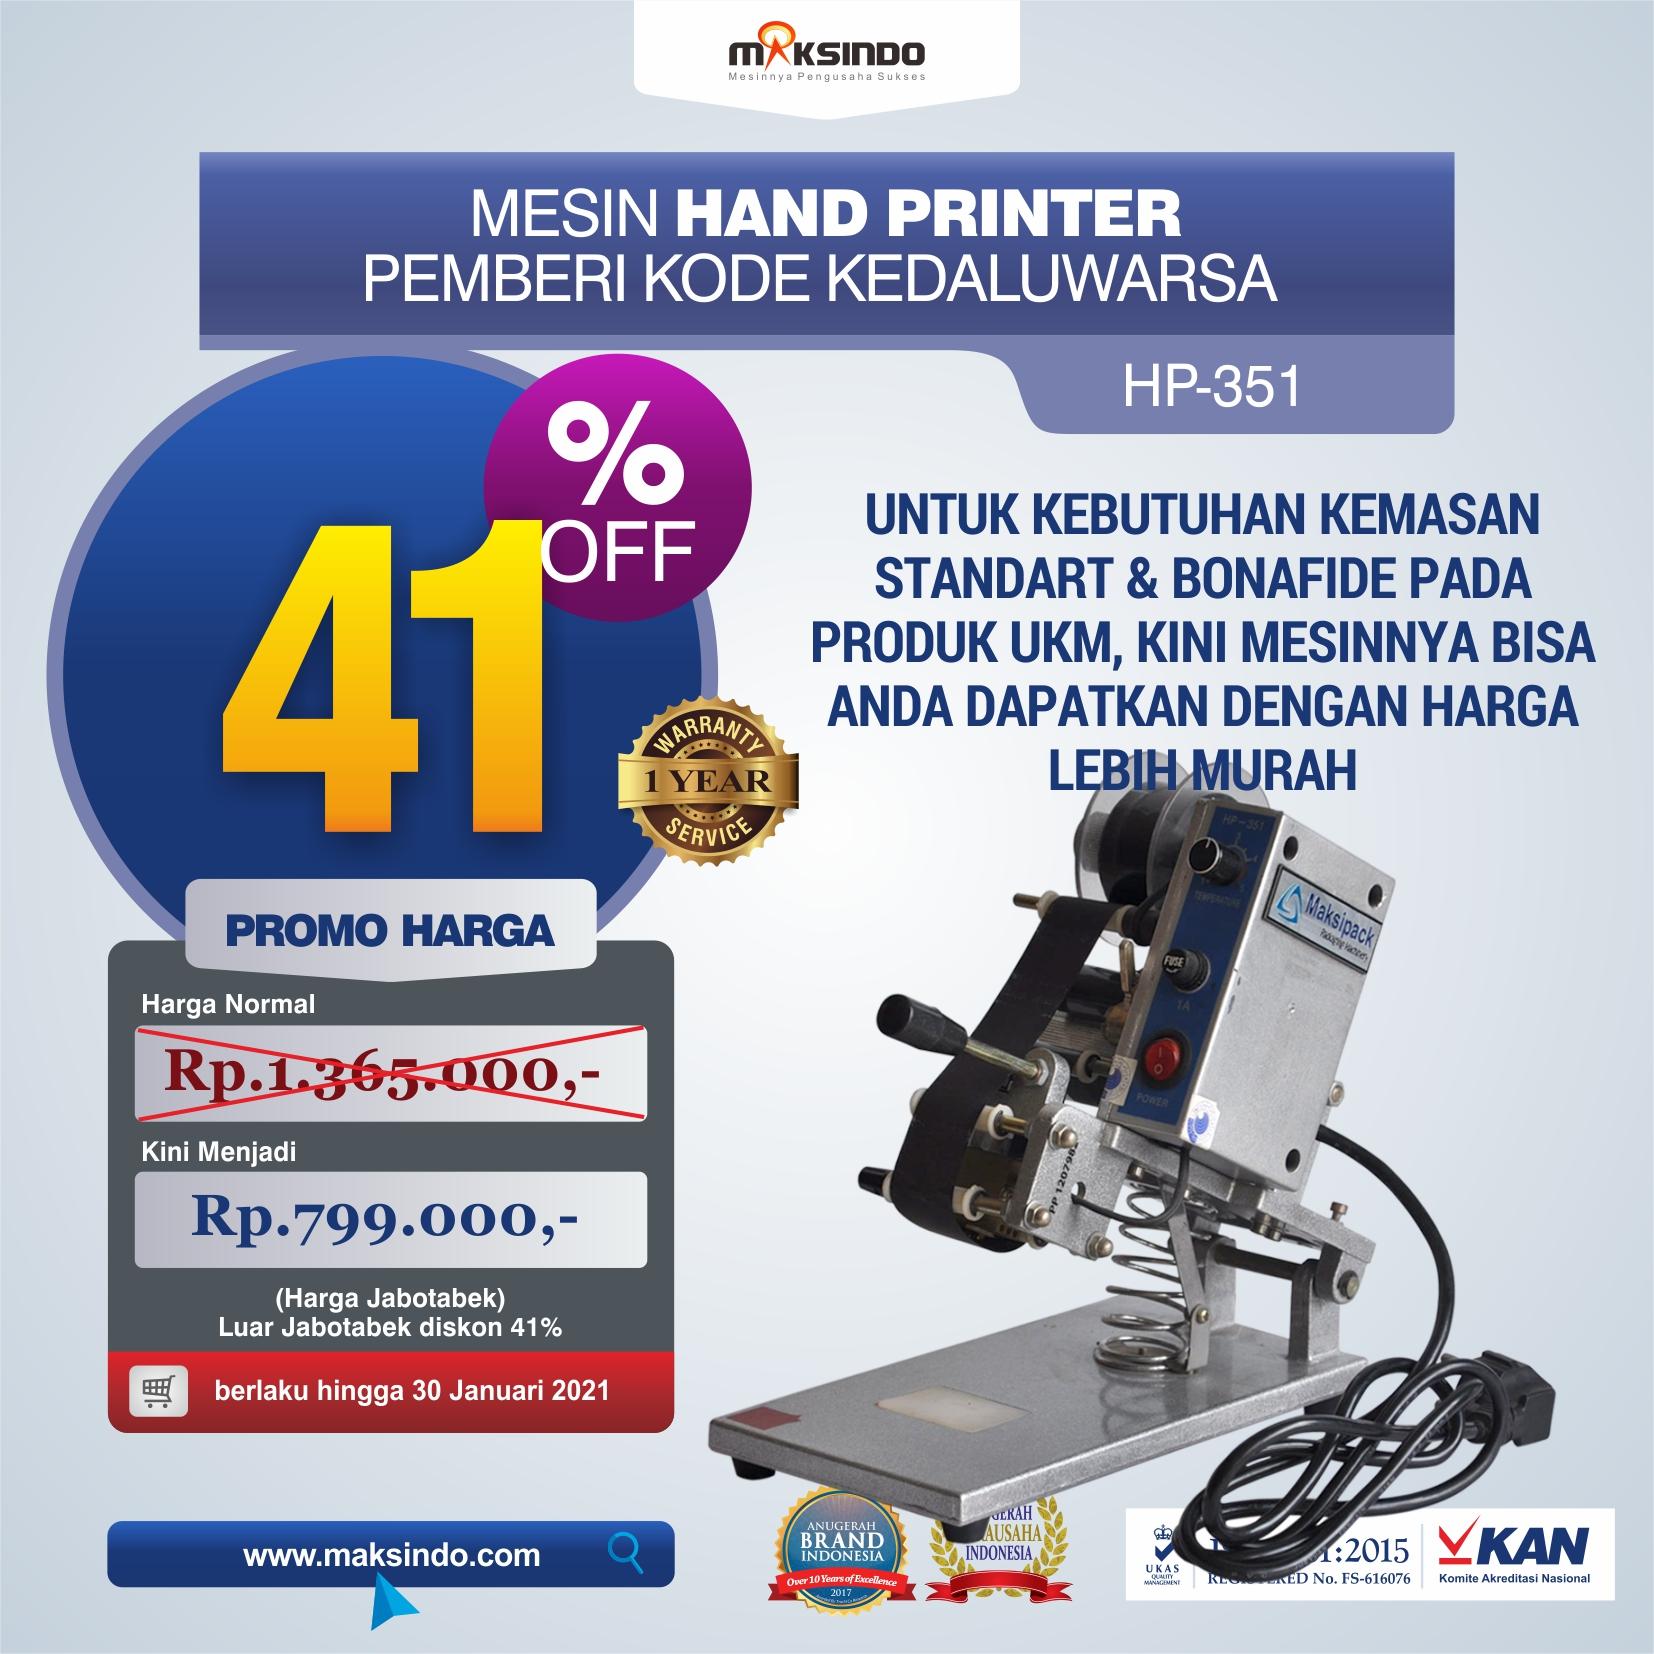 Jual Mesin Hand Printer (Pencetak Kedaluwarsa) di Malang